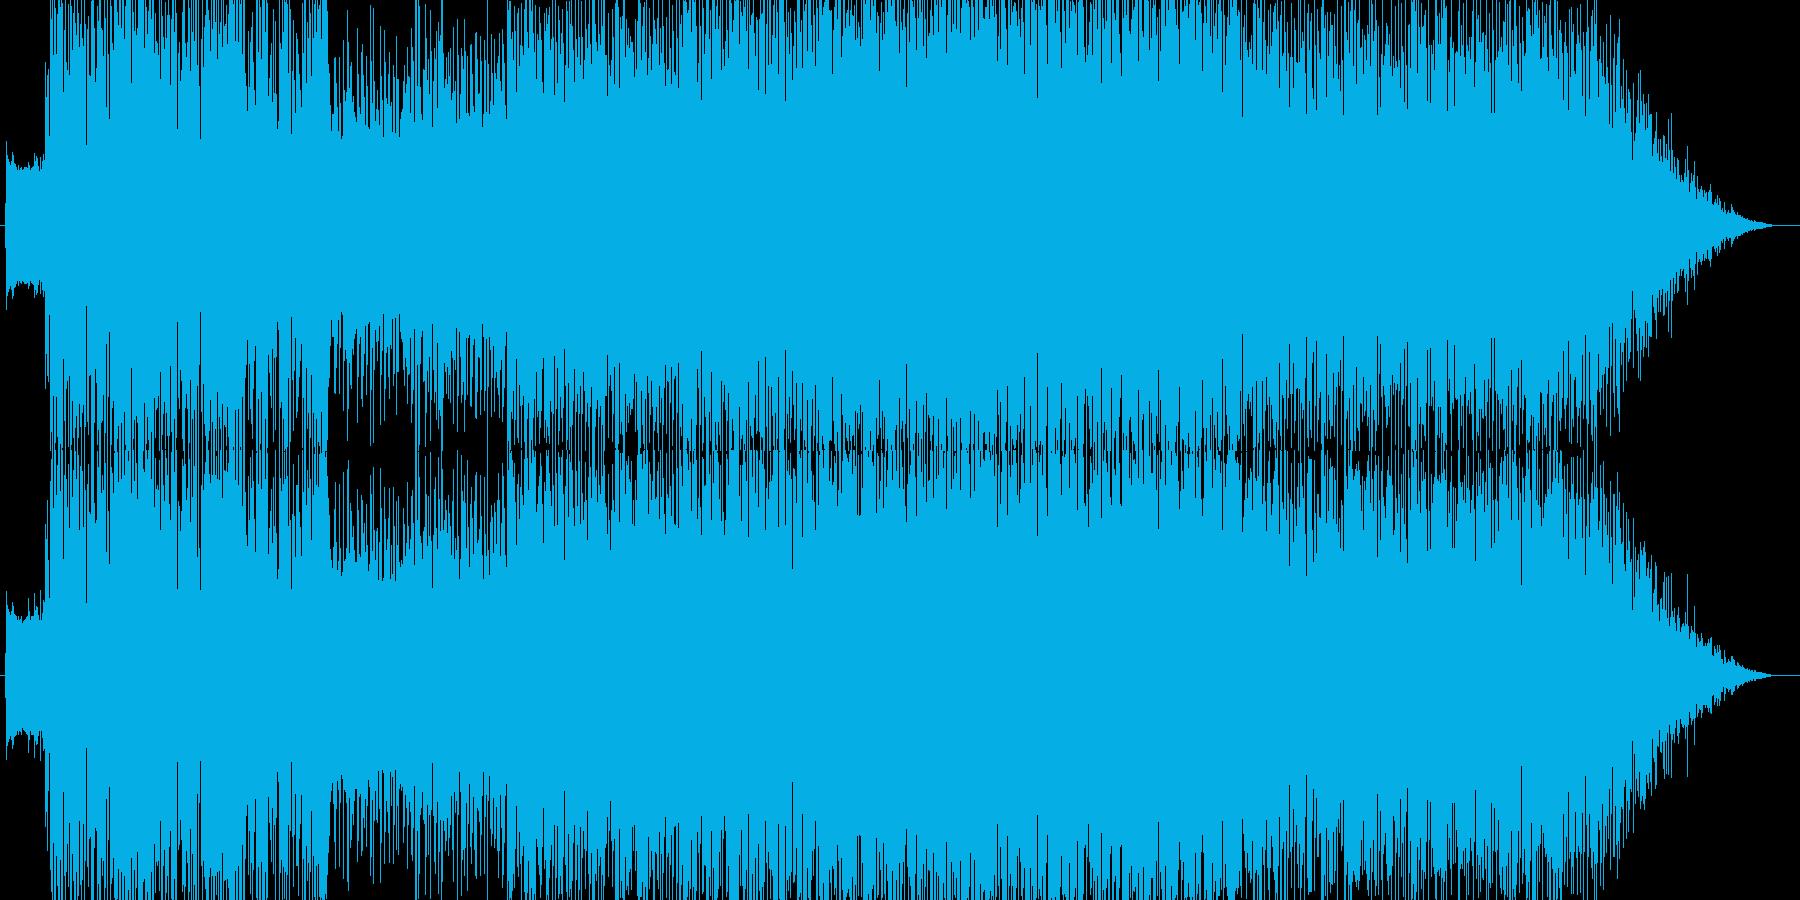 宇宙空間をイメージしたデジタルロックの再生済みの波形